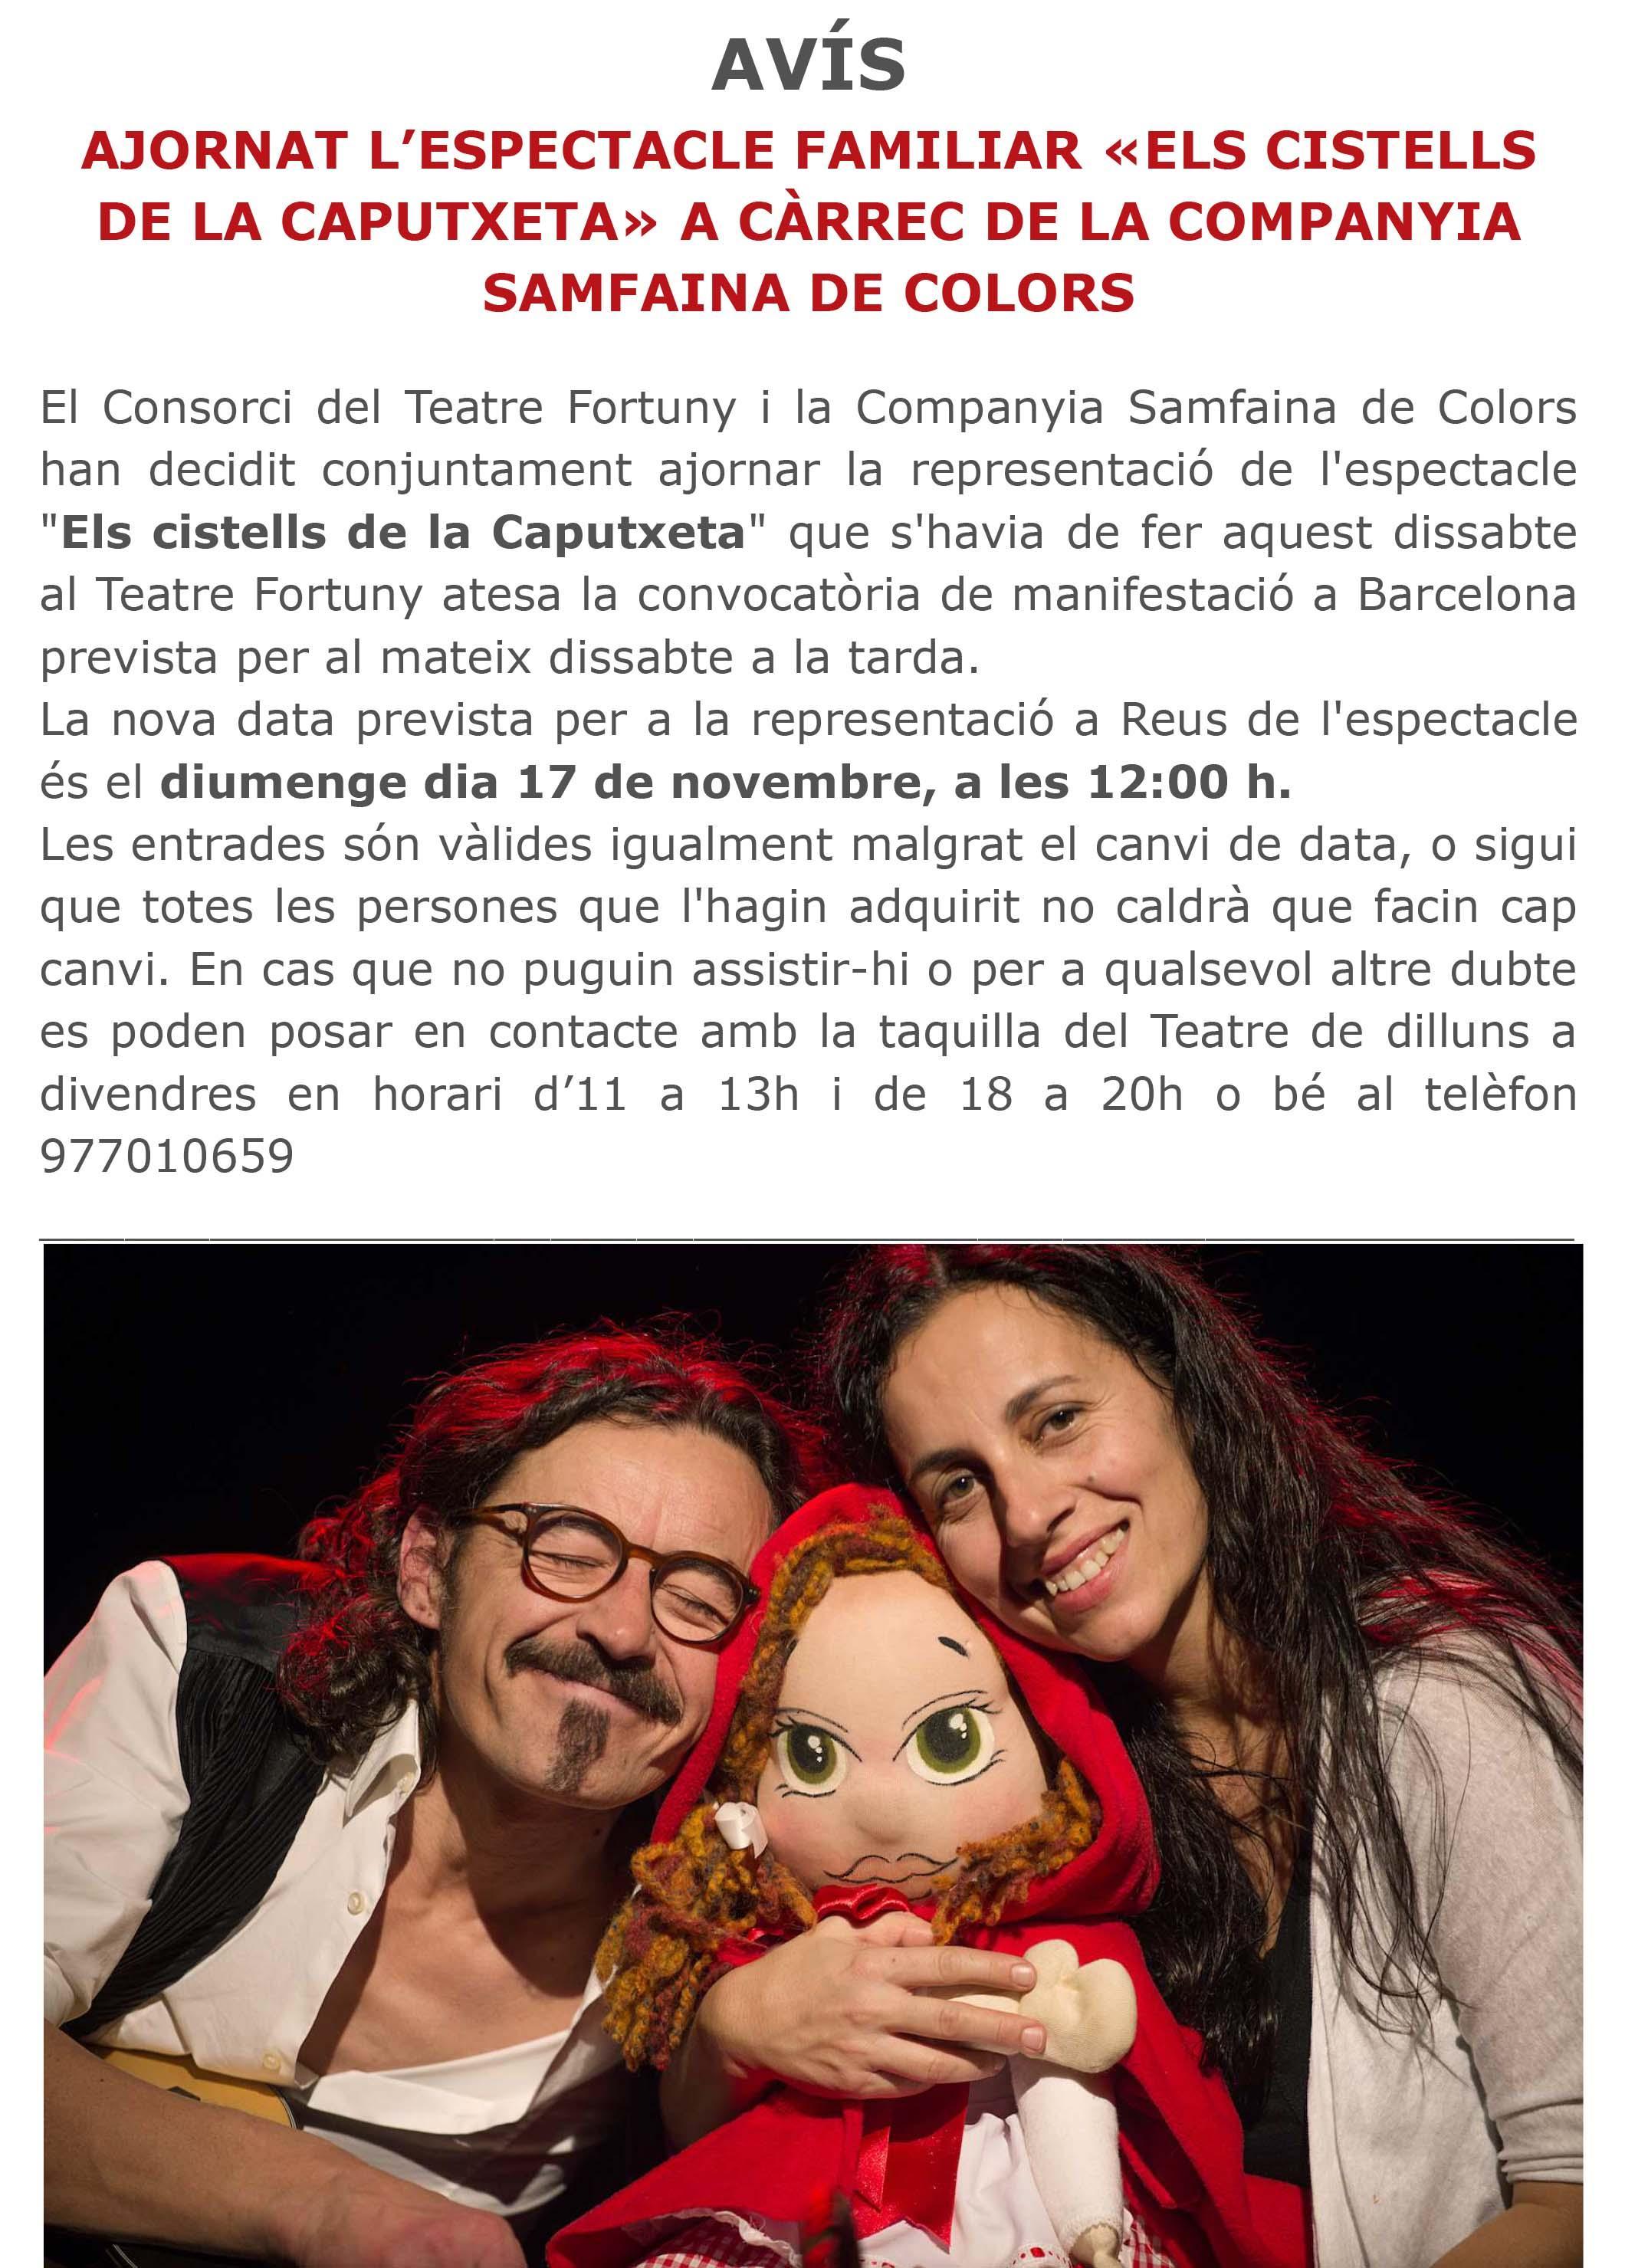 Samfaina de Colors AJORNAT FINS EL DIUMENGE 17 DE NOVEMBRE A LES 12H